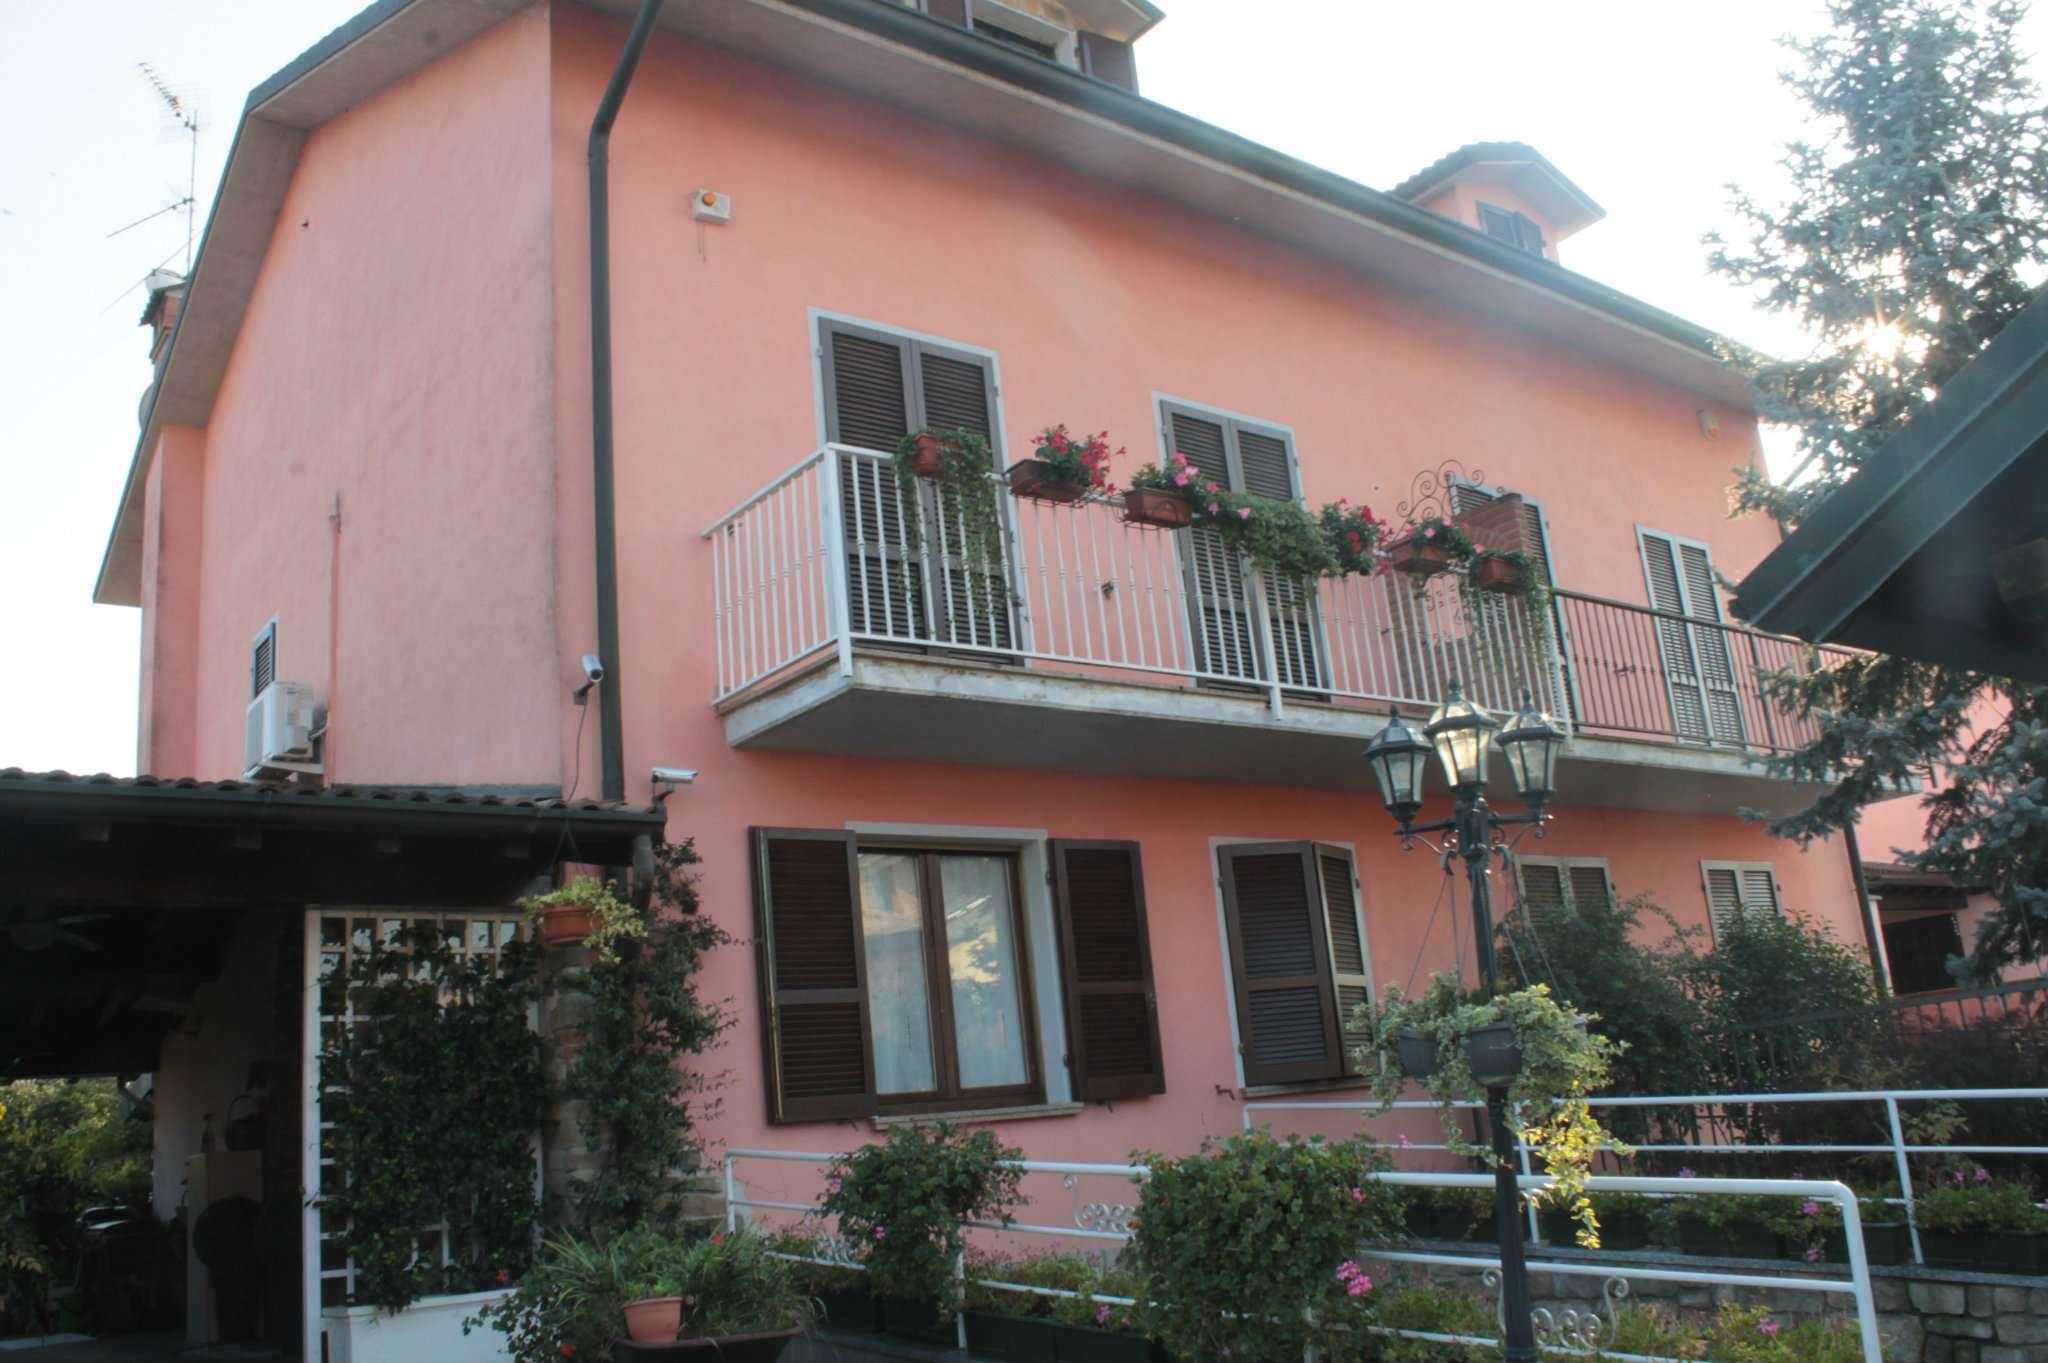 Villa Bifamiliare in vendita a Zinasco, 8 locali, prezzo € 220.000 | CambioCasa.it